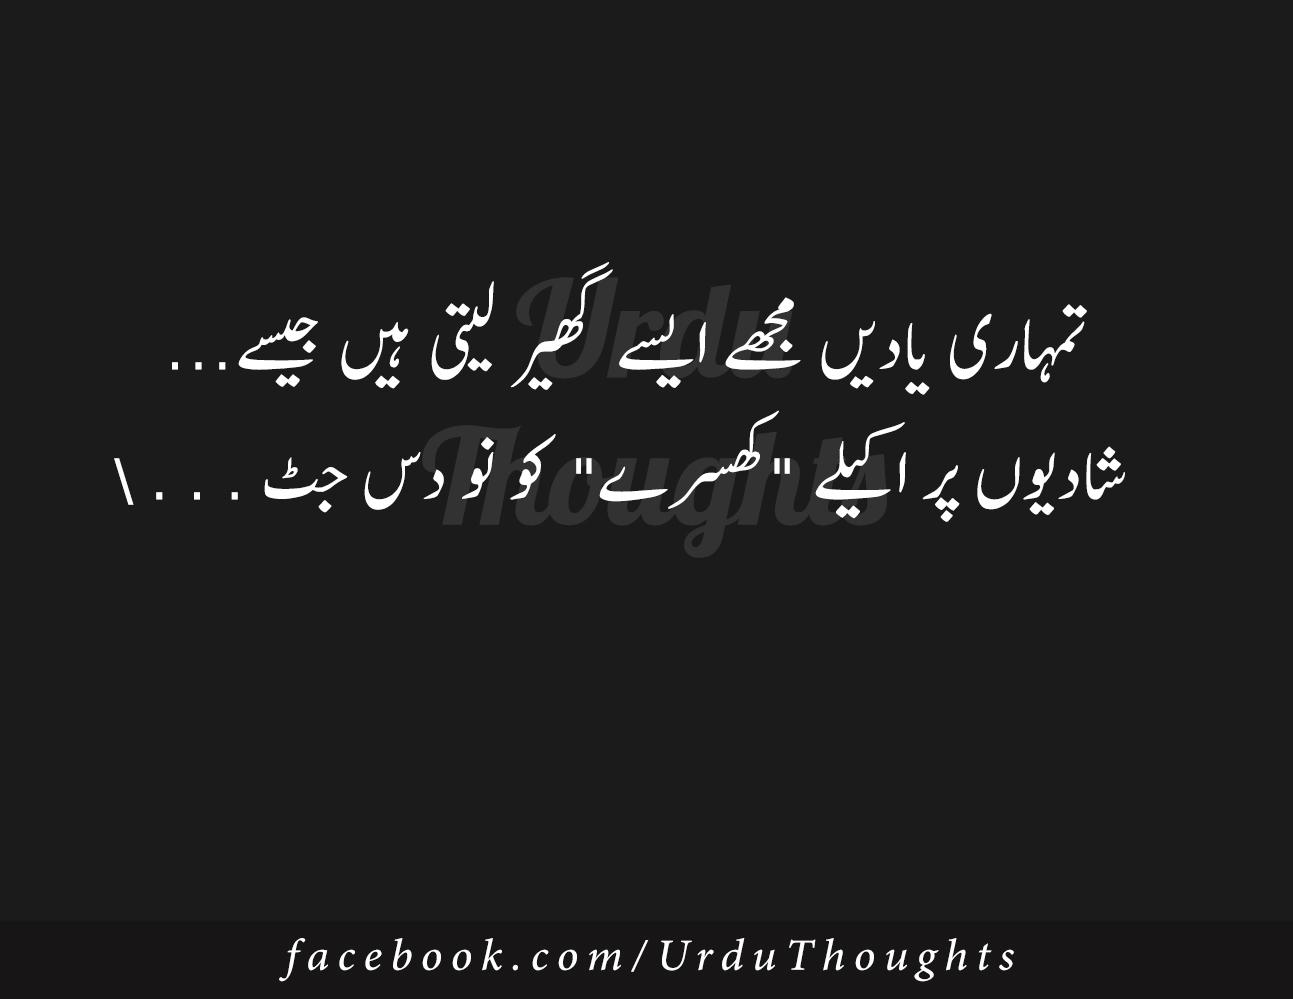 Line Jokes Urdu With Black Images Funny Joke In Urdu Facebook Funny Pictures In Urdu Writing Funny Urdu Poetry Images Facebook Lateefay Urdu Funny